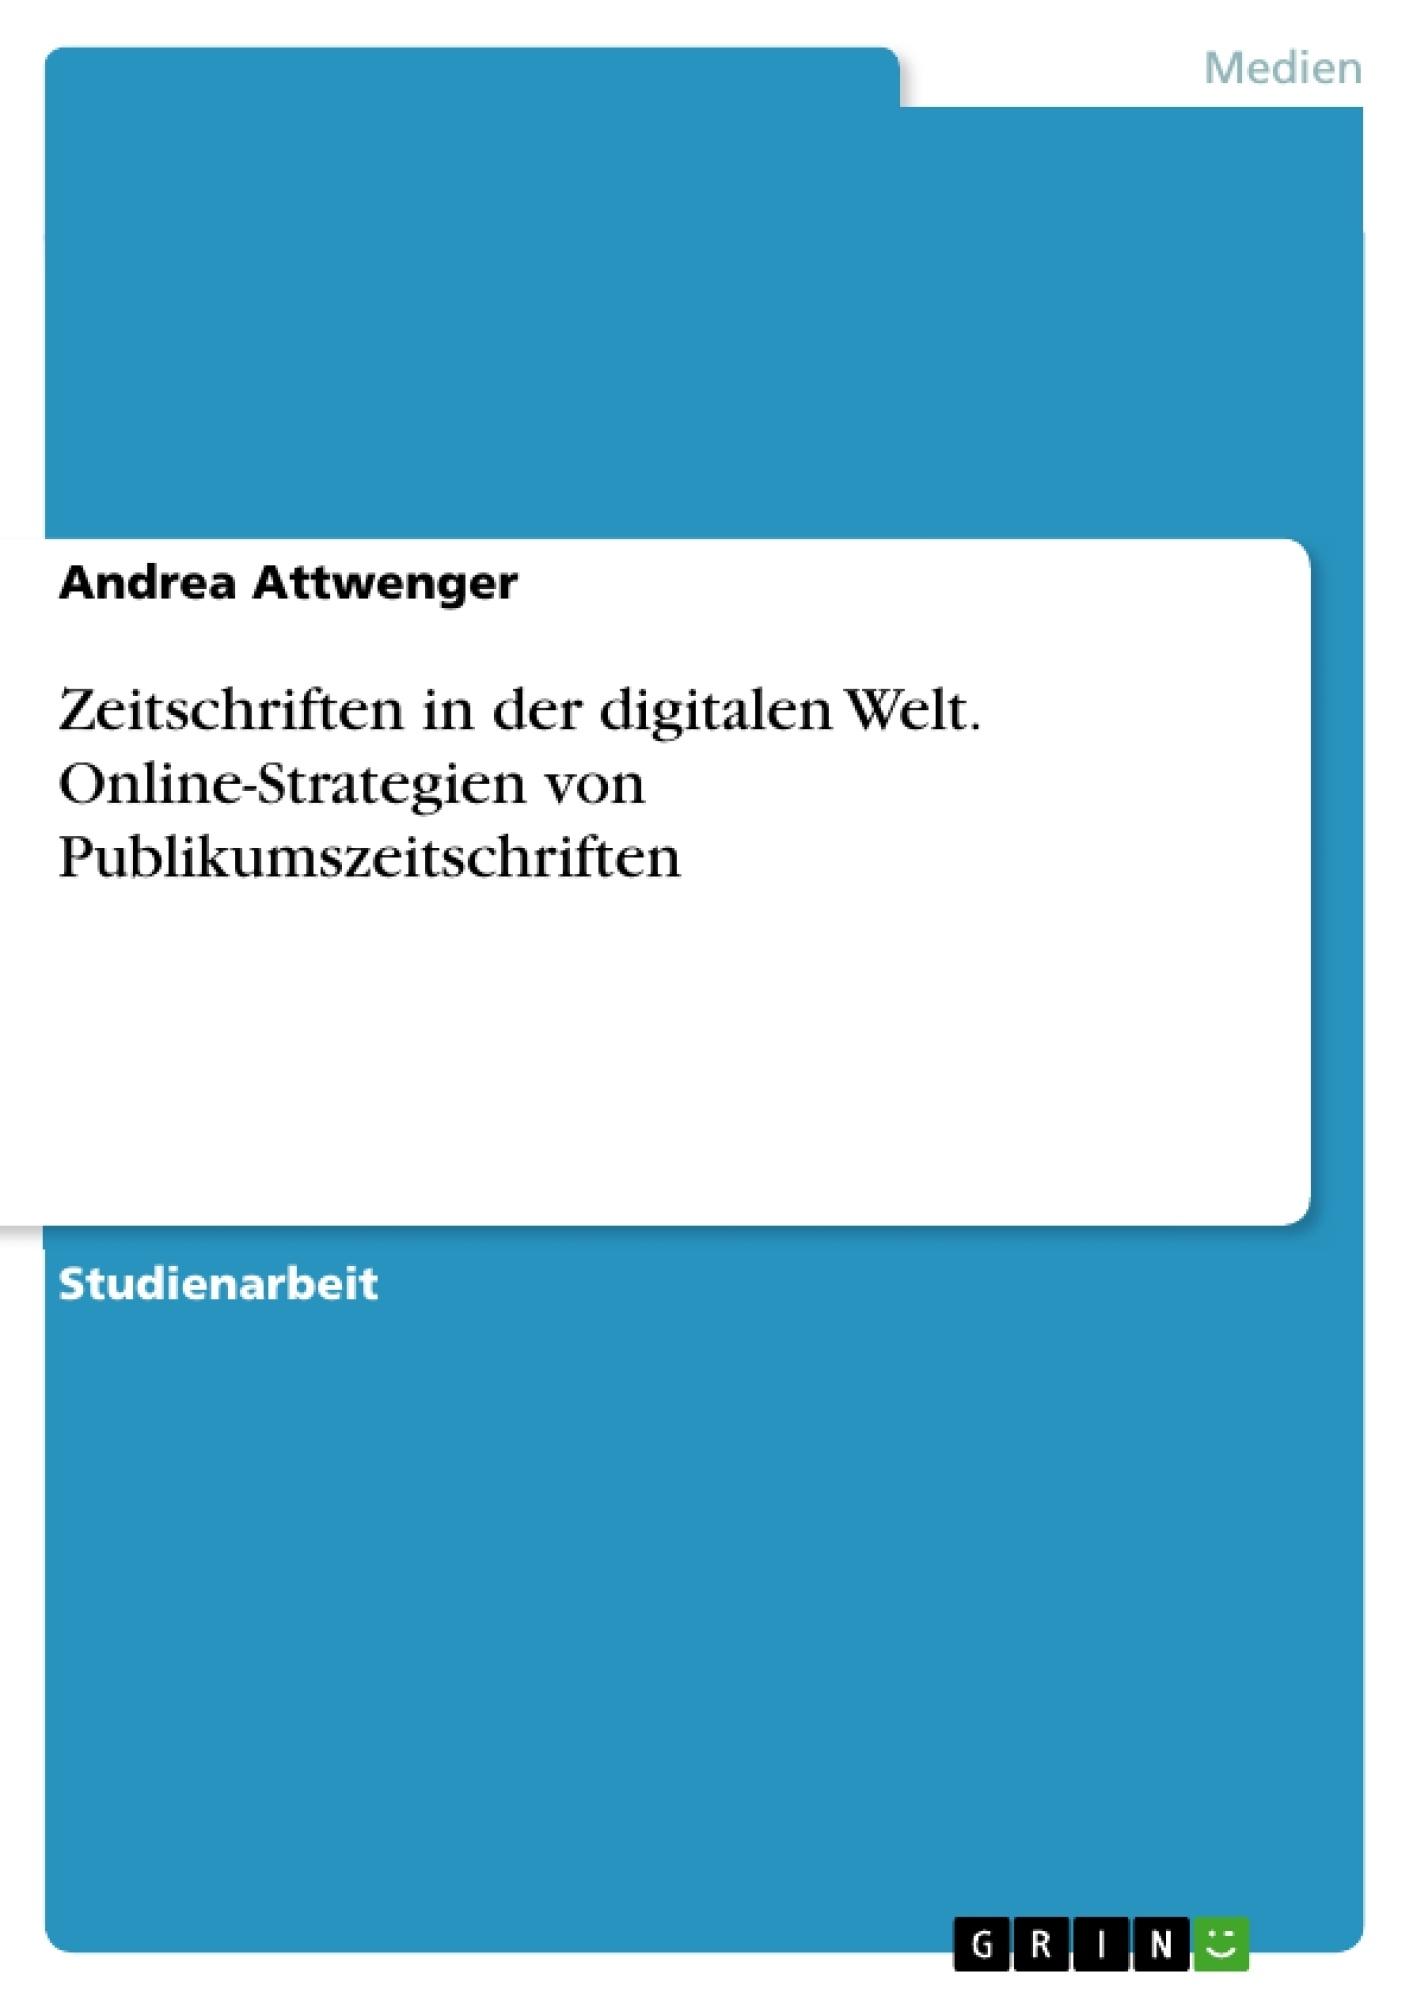 Titel: Zeitschriften in der digitalen Welt. Online-Strategien von Publikumszeitschriften